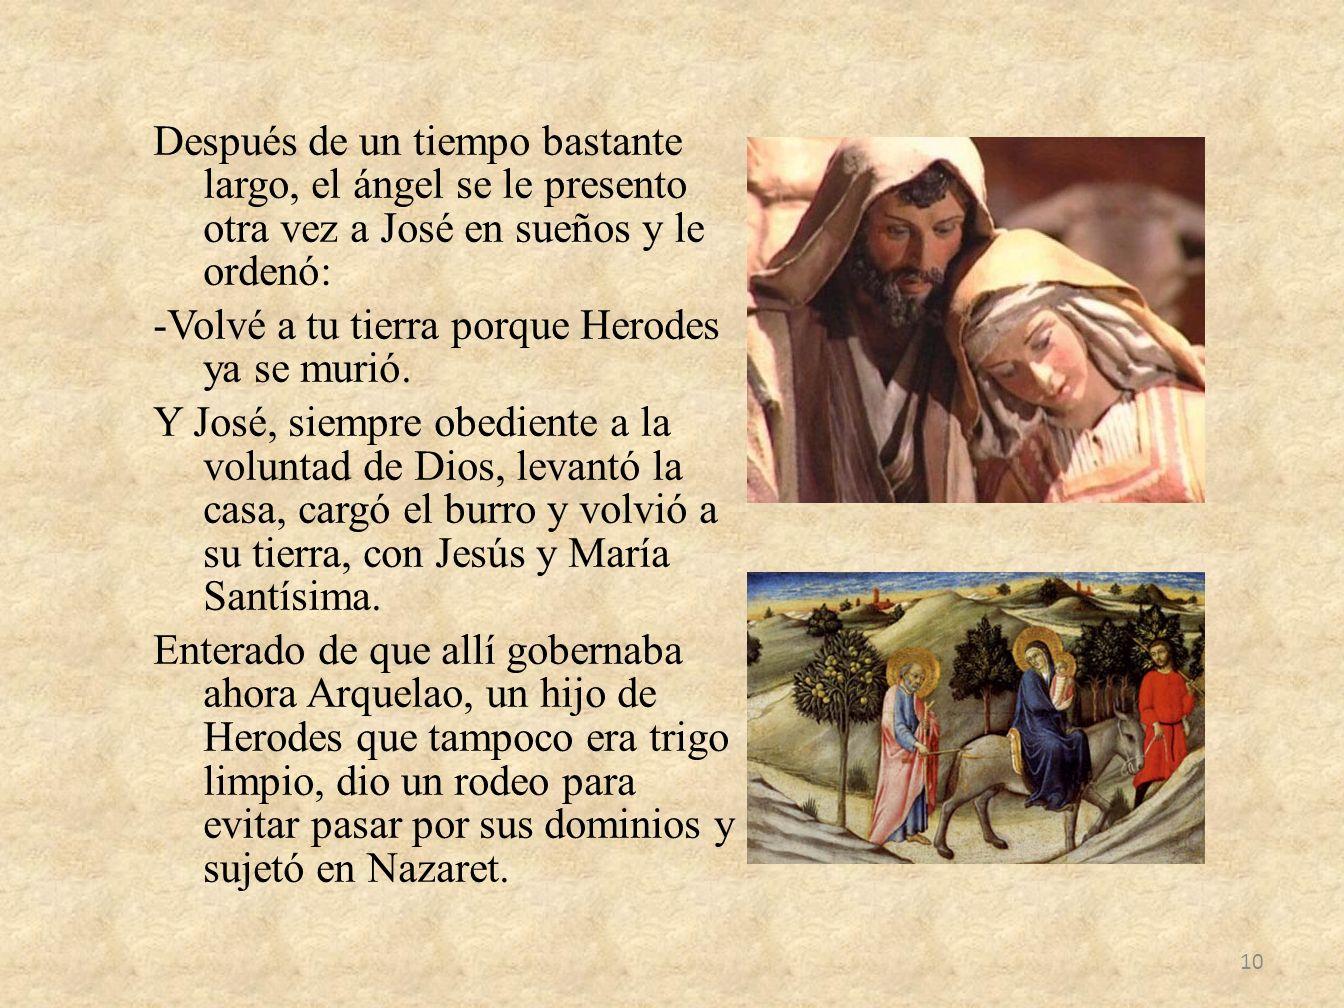 Después de un tiempo bastante largo, el ángel se le presento otra vez a José en sueños y le ordenó: -Volvé a tu tierra porque Herodes ya se murió. Y J